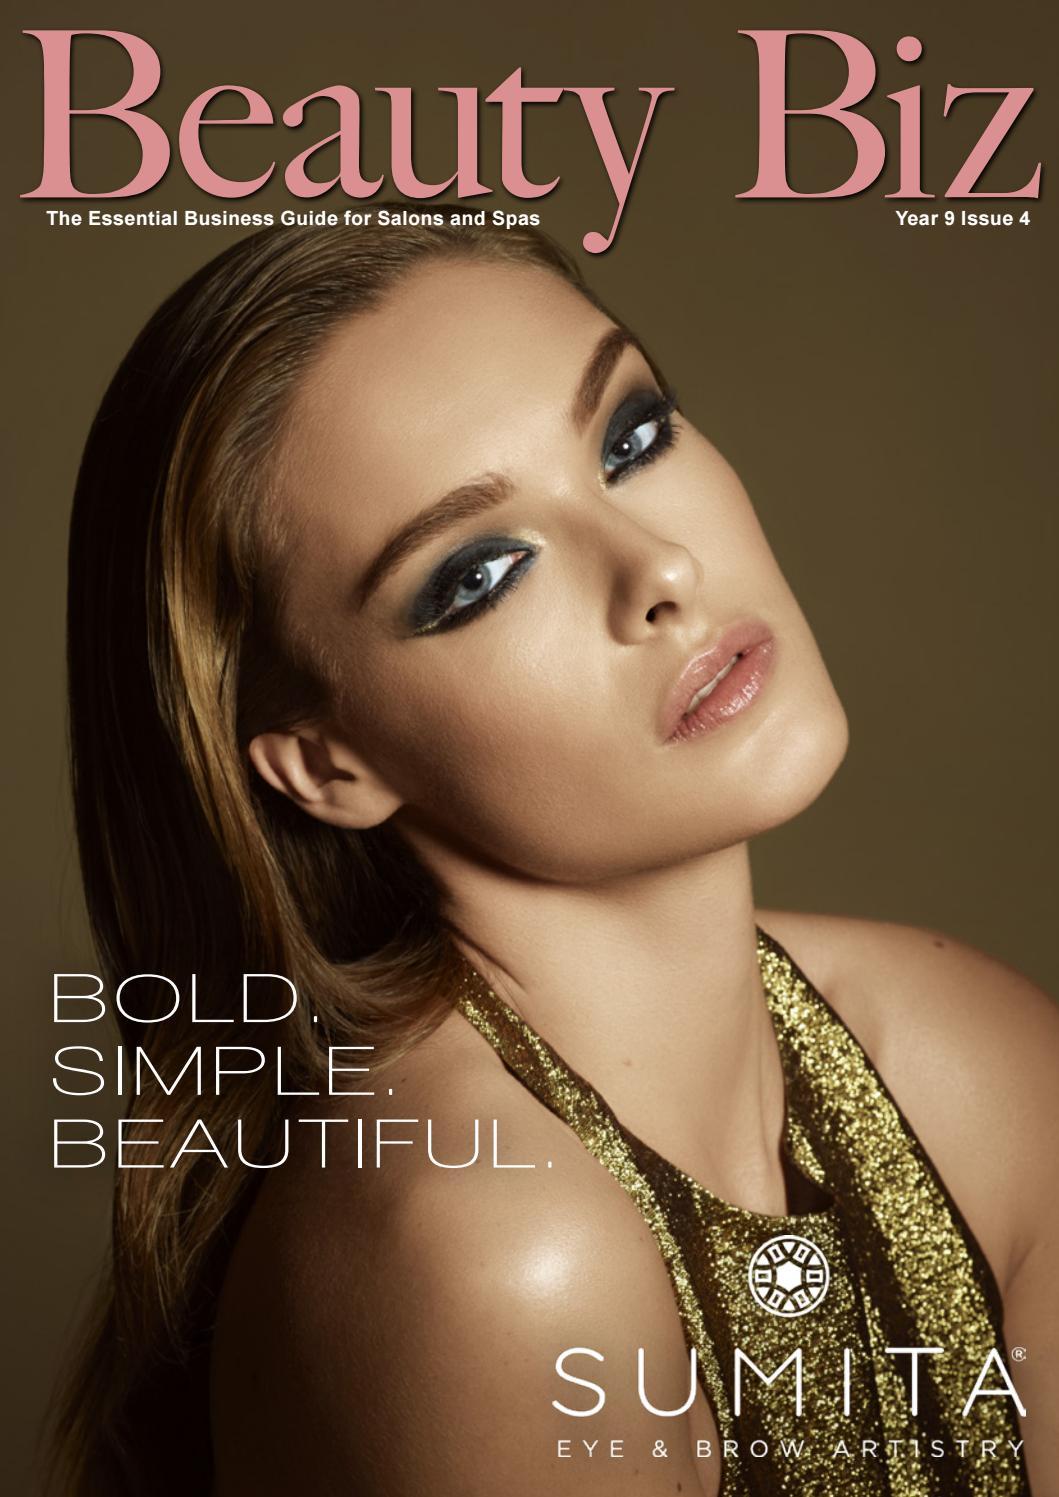 Beauty Biz Year 9 Issue 4 by Mocha Publishing  Issuu